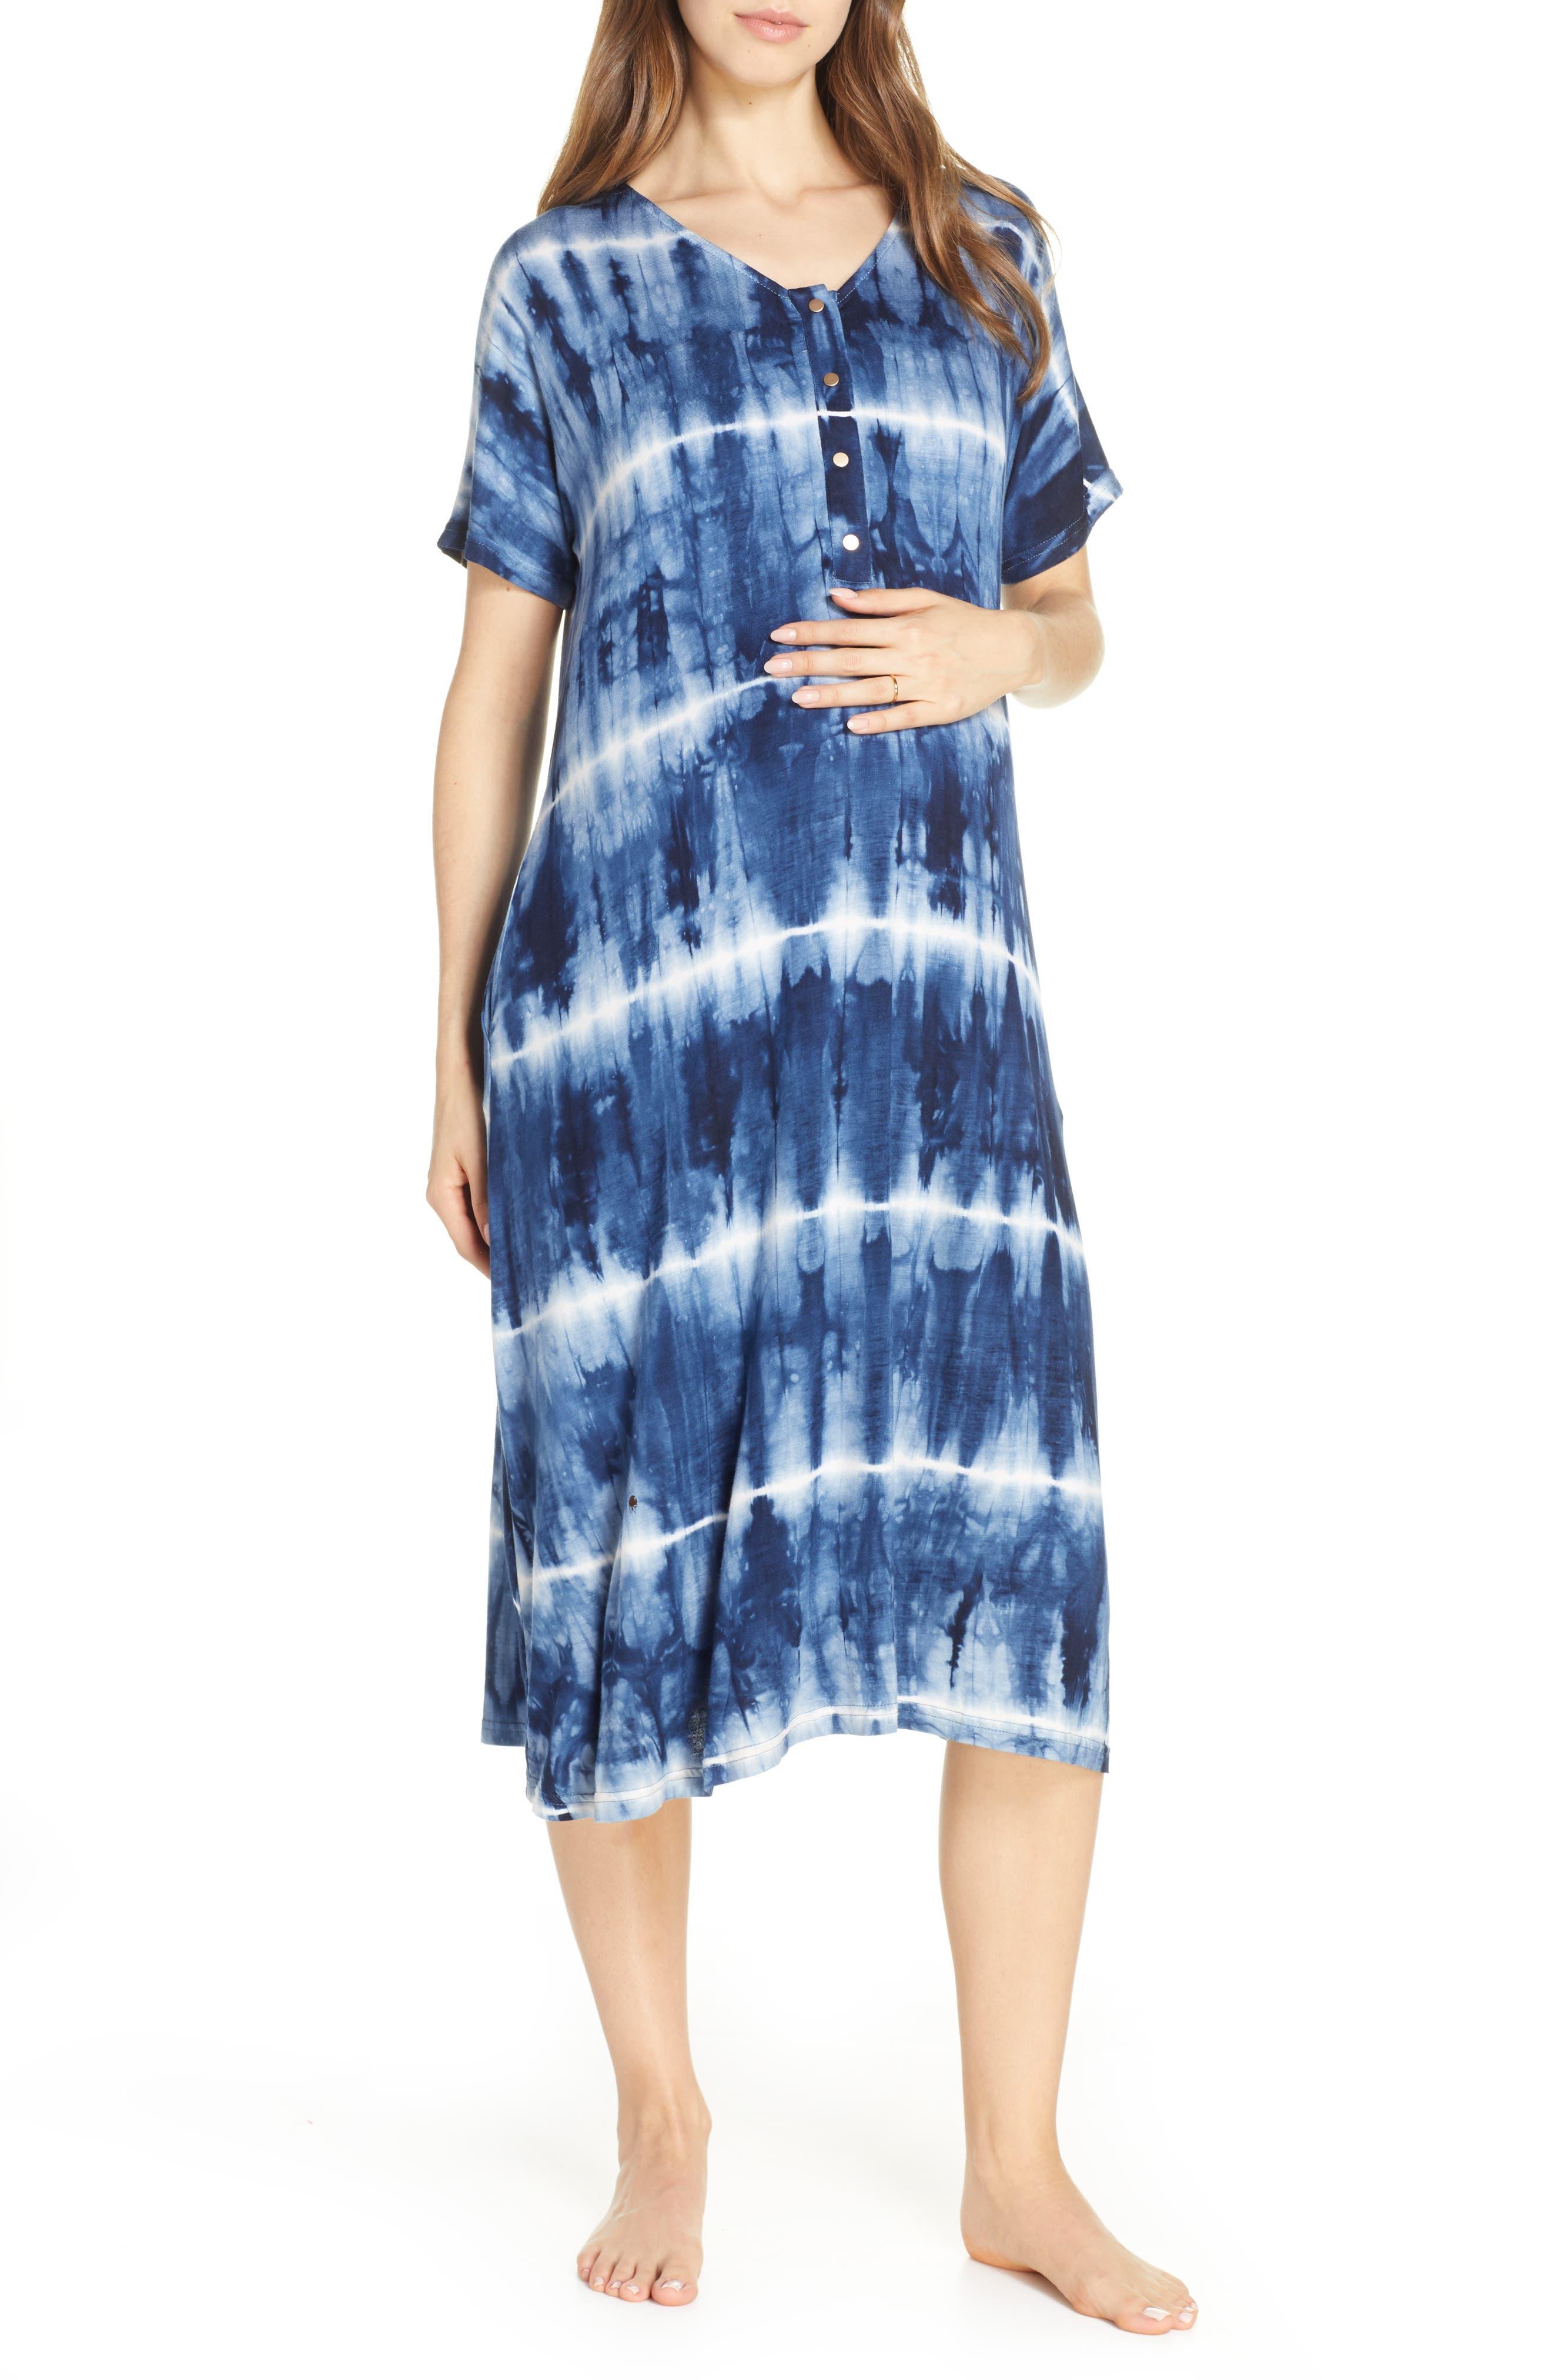 Nesting Olive Tie-Dye Maternity/nursing Sleep Shirt, Blue